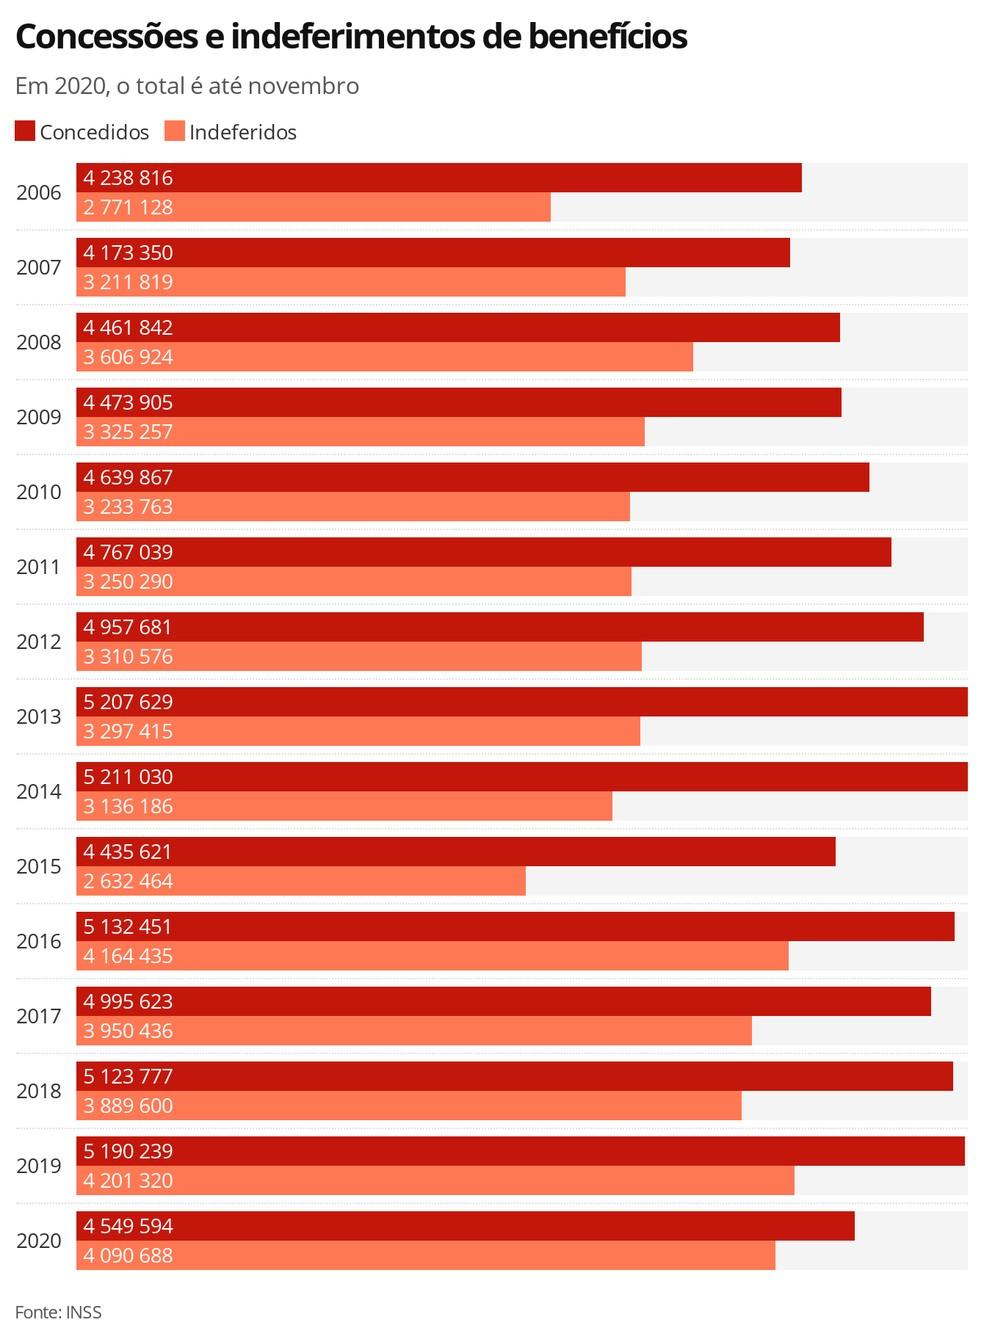 Benefícios concedidos e negados ano a ano — Foto: Economia G1